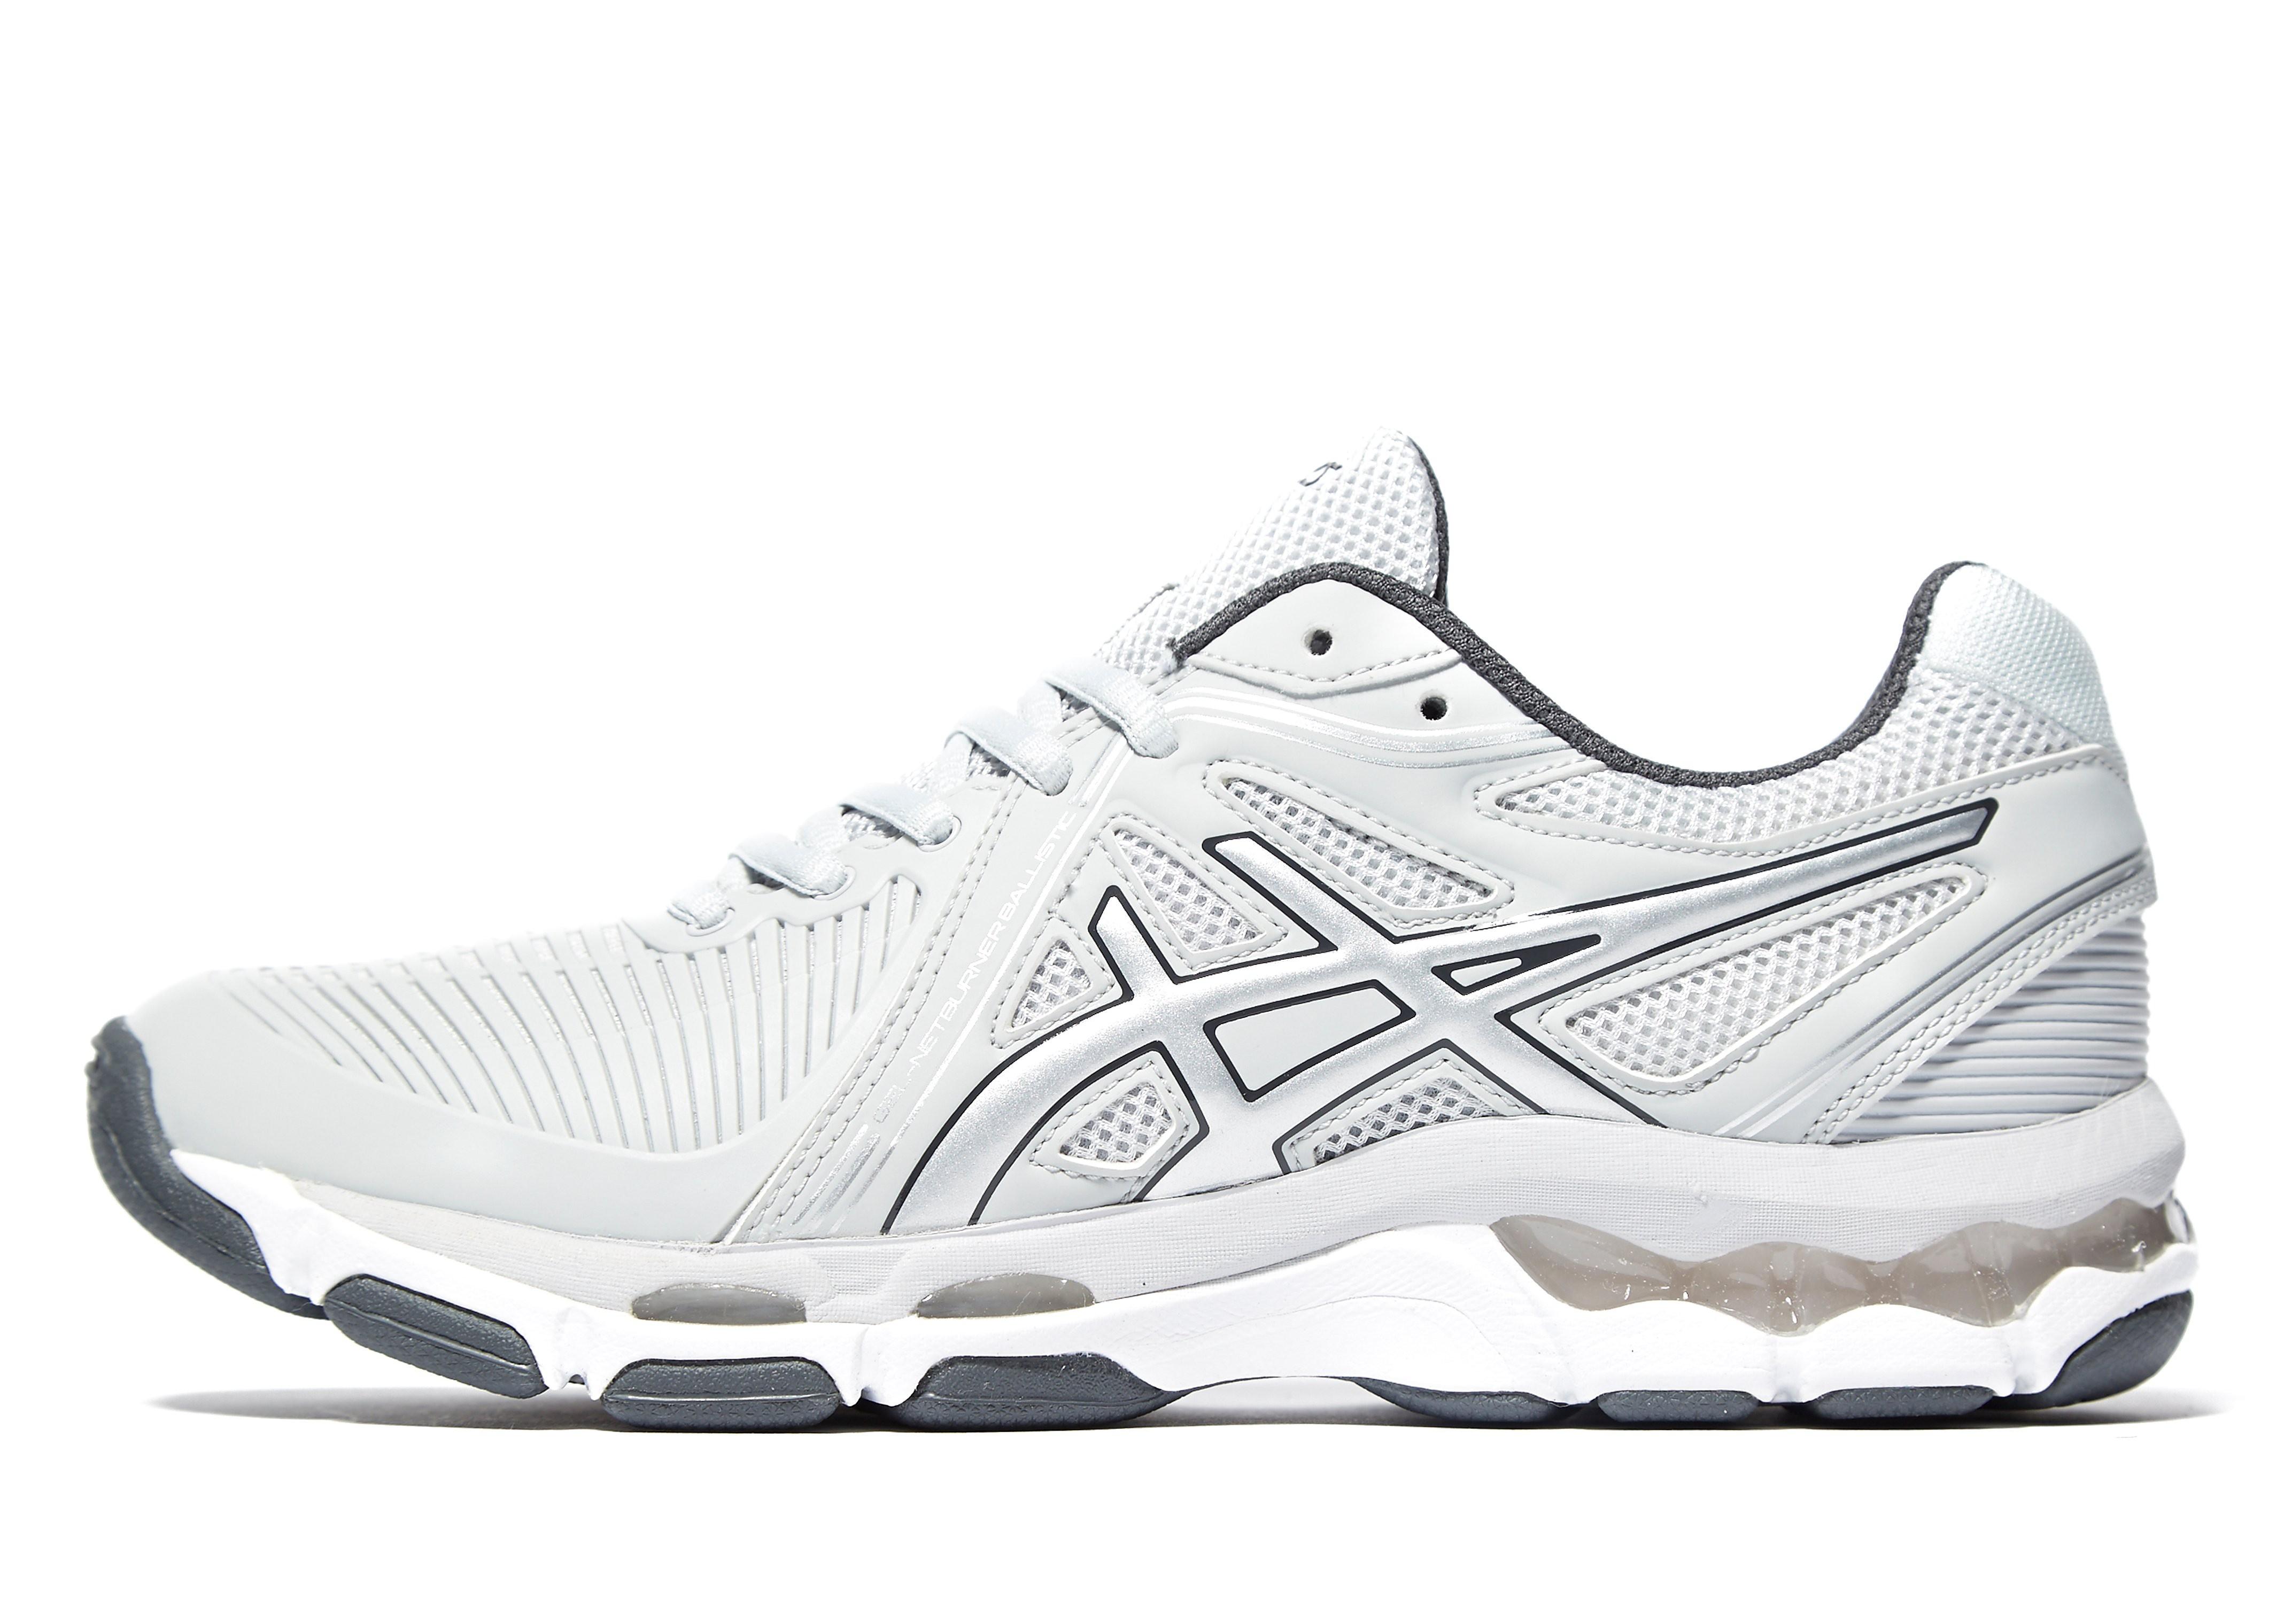 ASICS GEL- Netburner Professional Netball Shoes